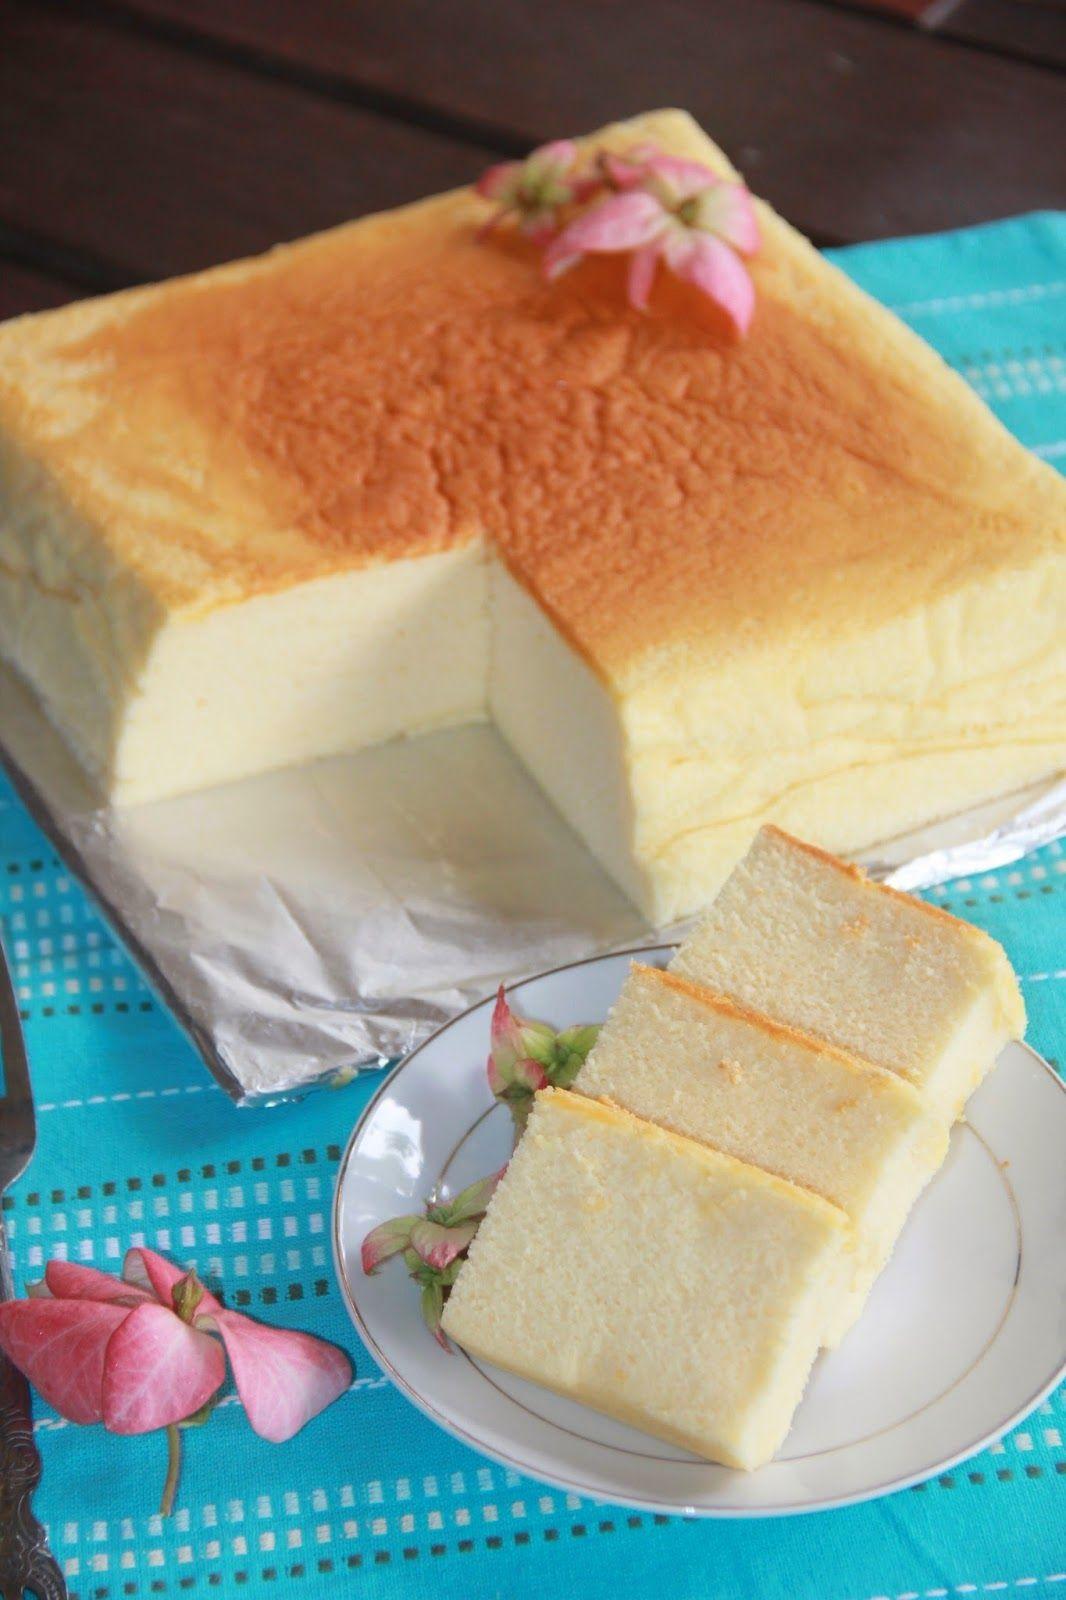 Best Ever Japanese Cotton Cheesecake Yummy Food Dessert Desserts